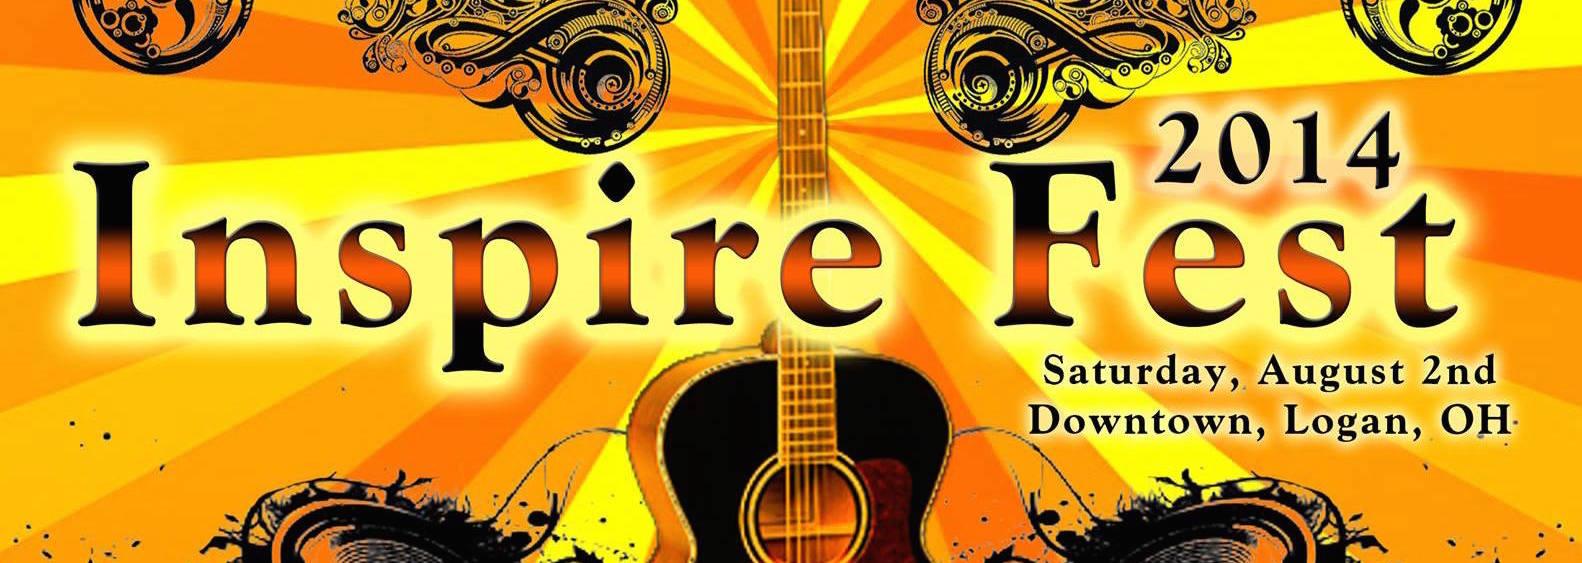 Inspirefest 2014 banner